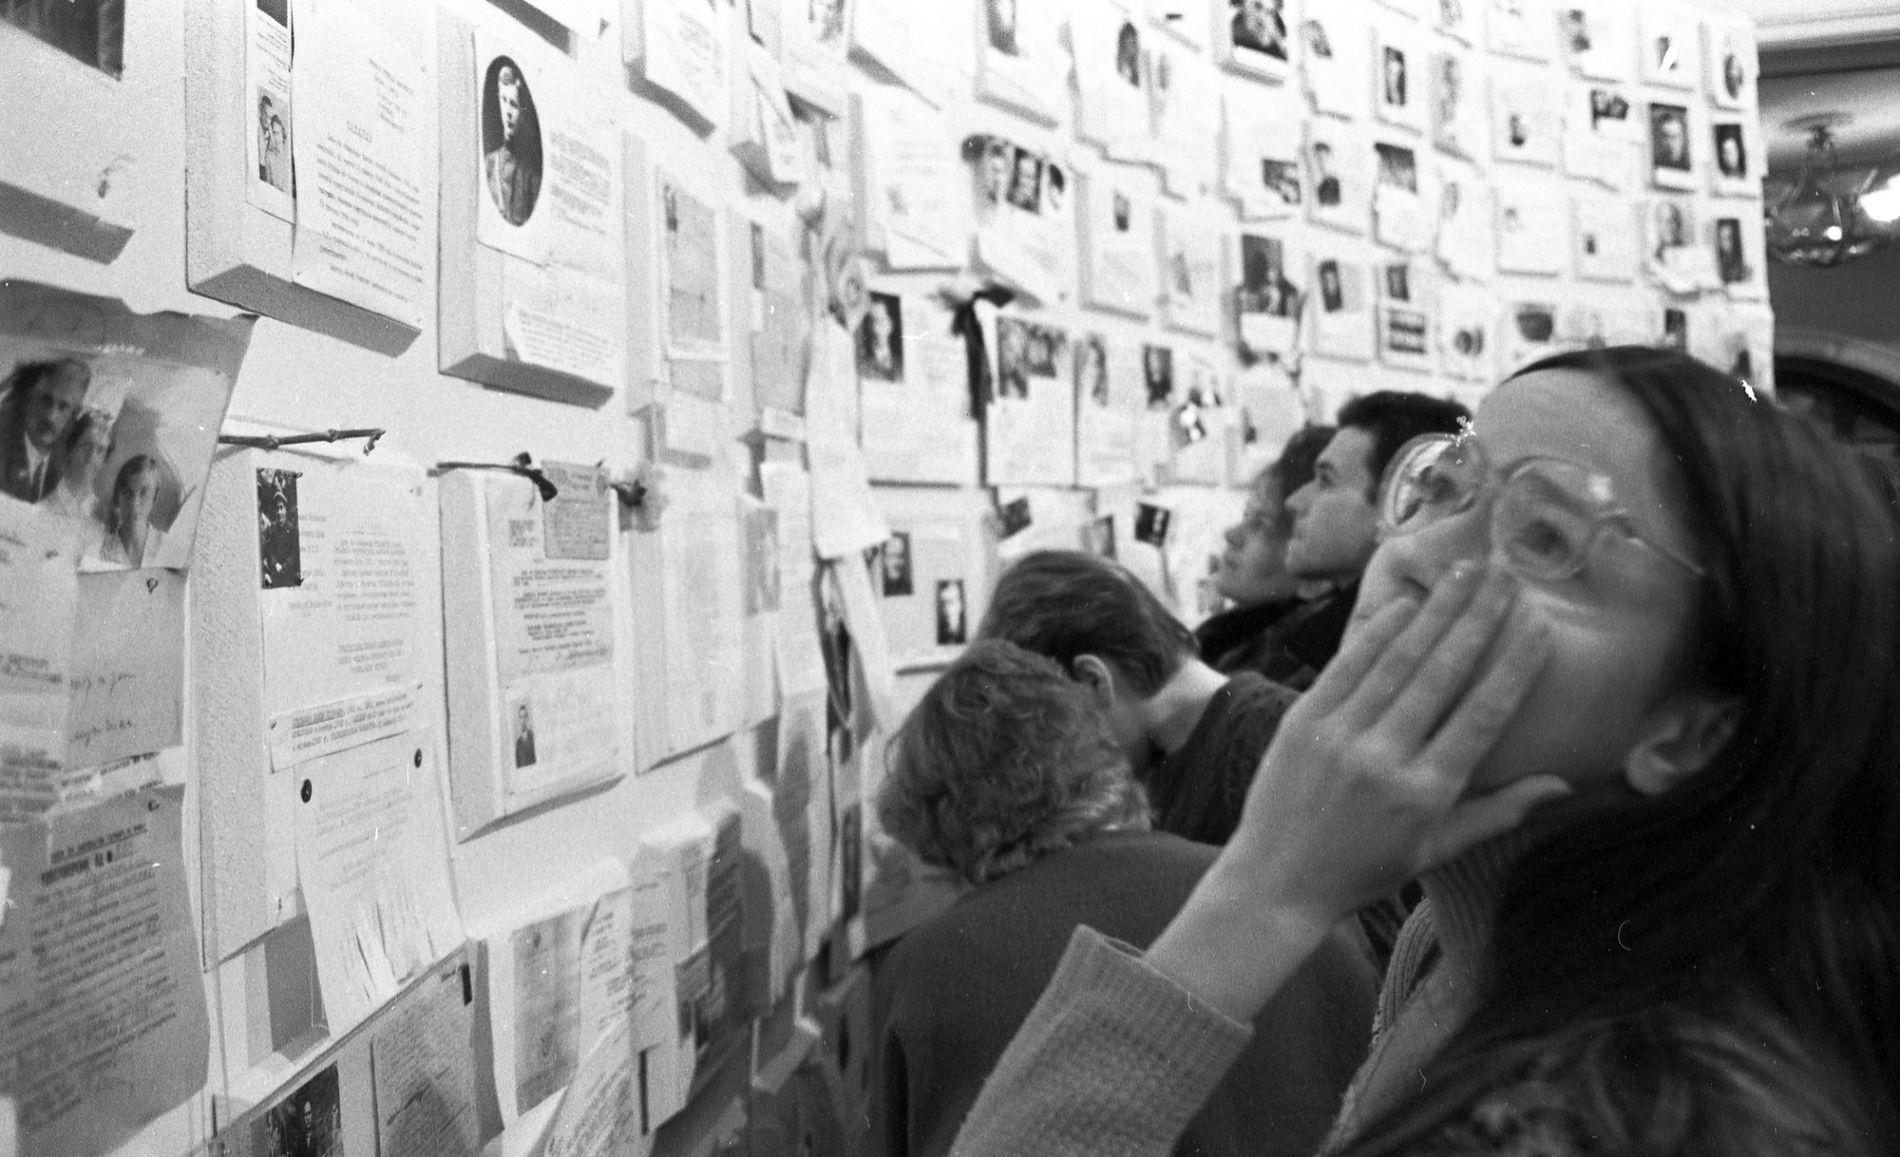 Посетители выставки «Неделя совести» изучают архивные документы жертв ГУЛАГа, 1988 год ©Фото Дмитрия Борко, wikimedia.org (CC BY-SA 4.0)